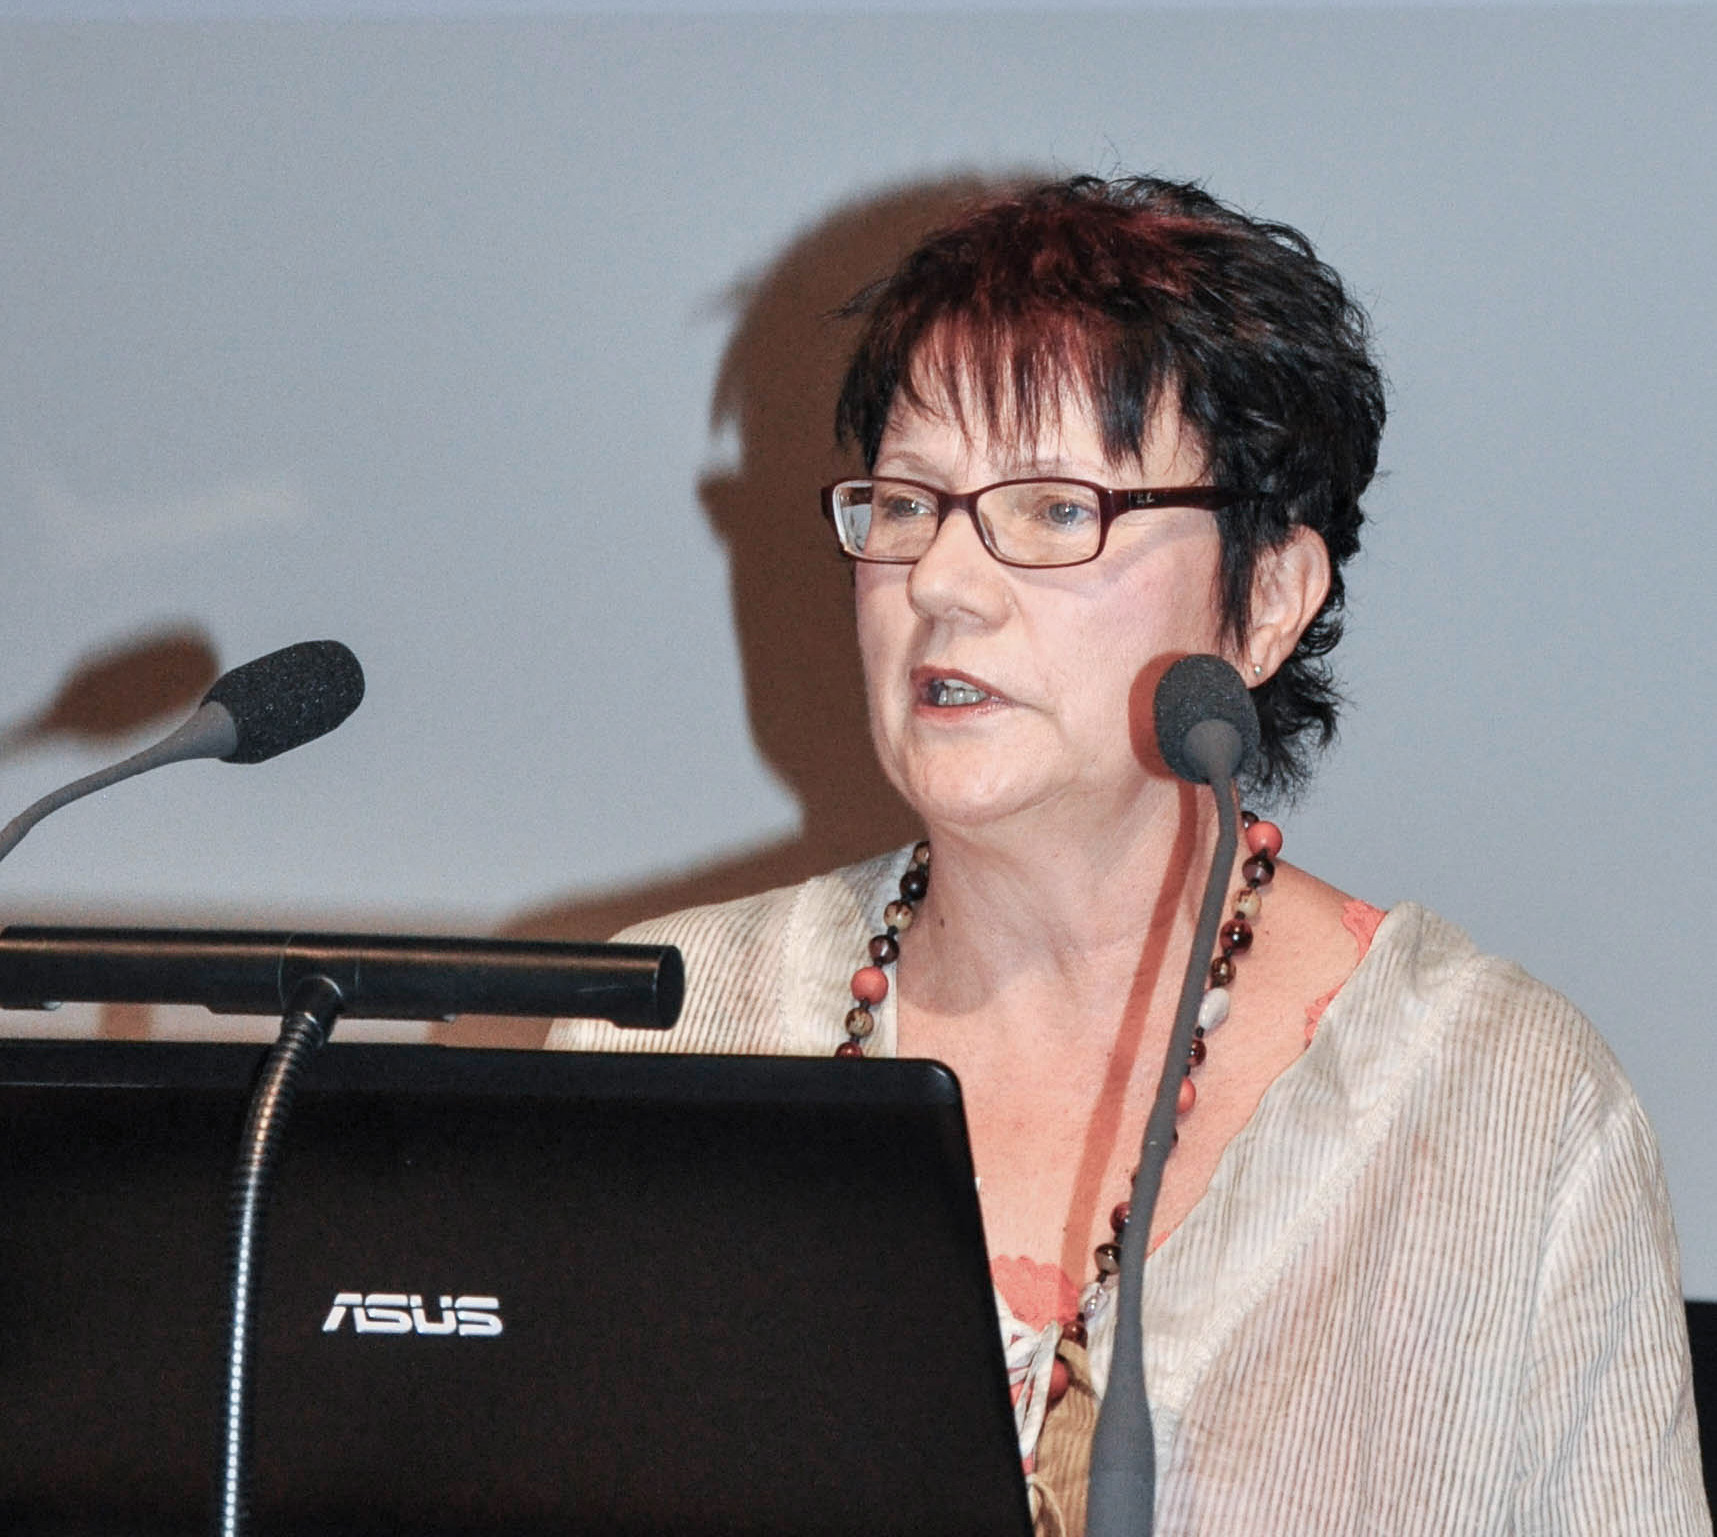 Barbara Kurth, Präsidentin der «Allianz für ein lebenswertes Zug», hat ihr Ziel erreicht: Die Unterschriften für das Referendum sind zusammengekommen. (Bild: zvg)